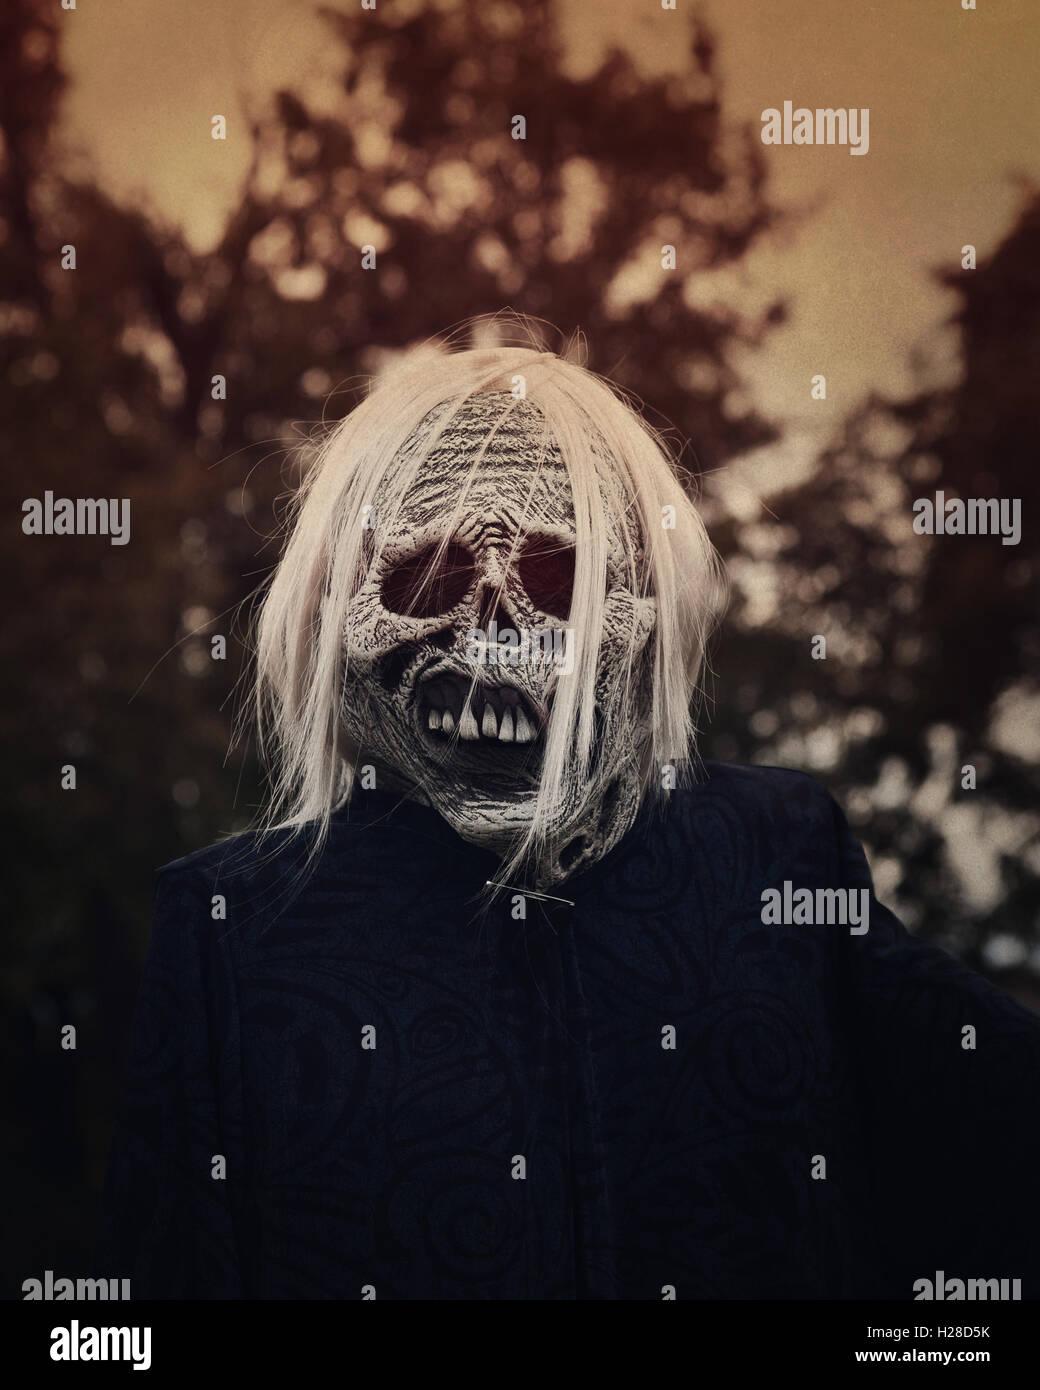 Un fantôme effrayant white zombie est dehors la nuit avec des arbres en arrière-plan pour une décoration Photo Stock